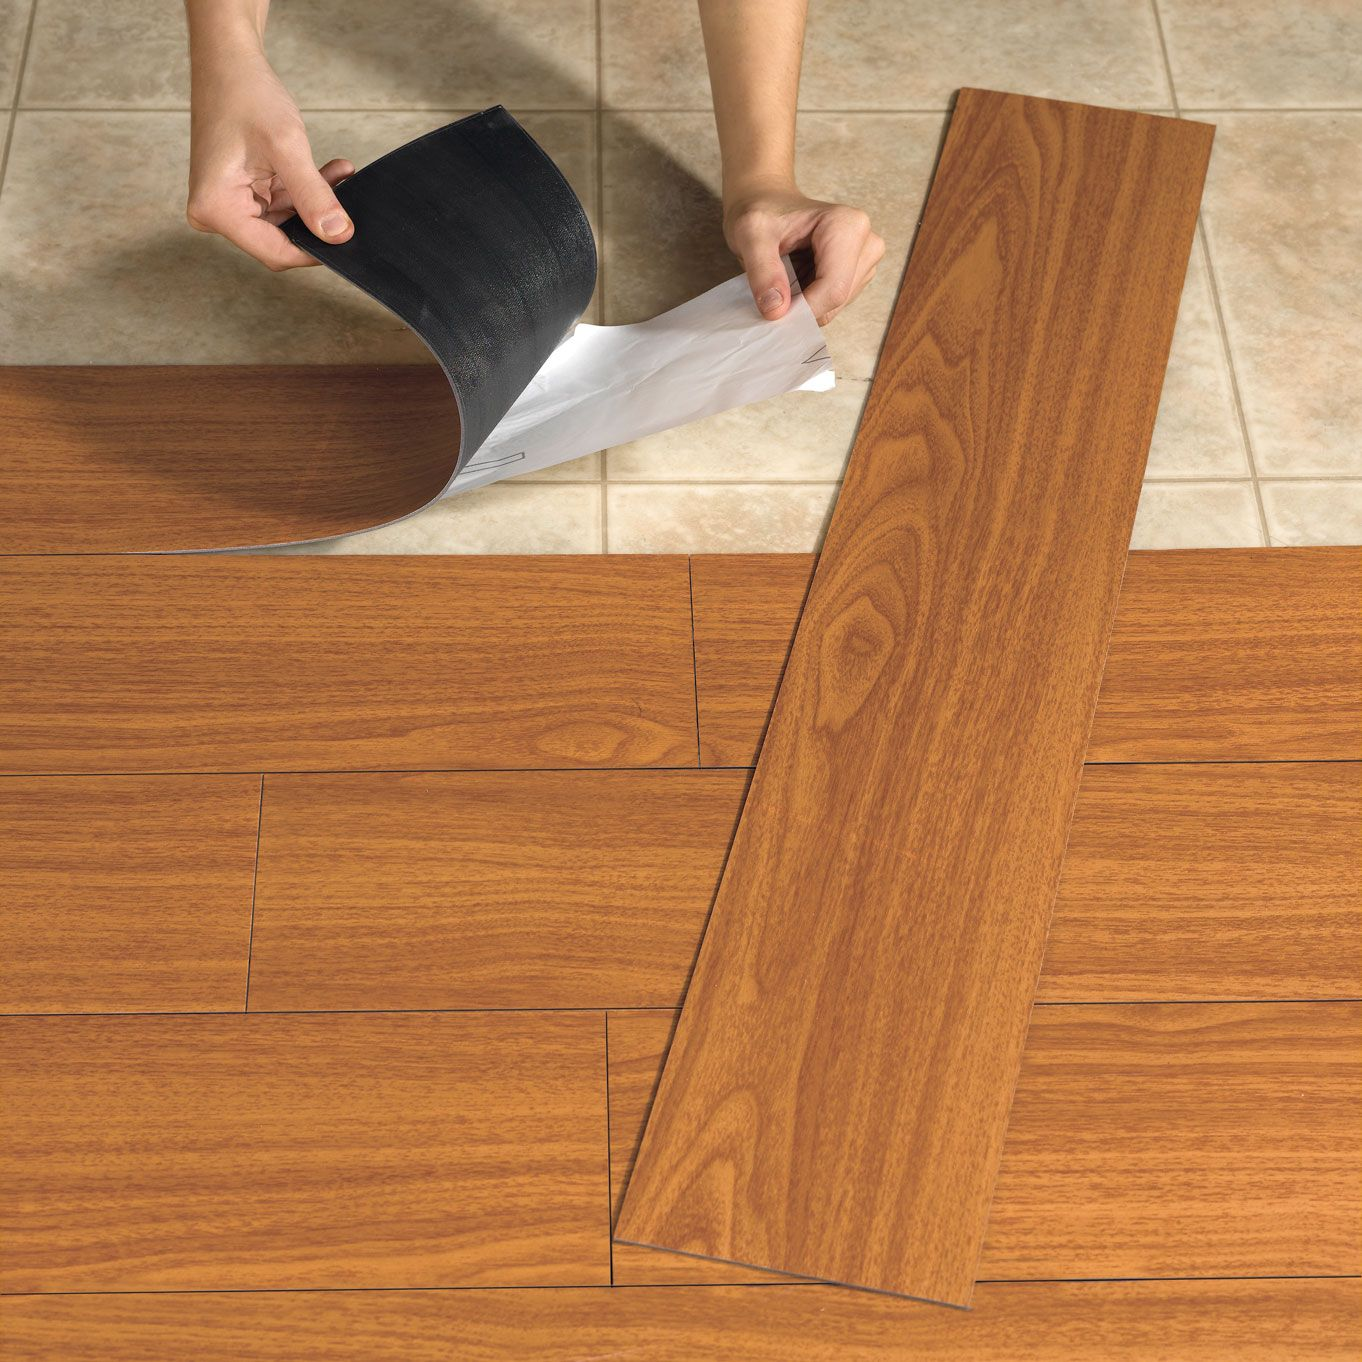 Flooring Jenis Ini Bisa Diproduksi Menyerupai Granite Marmer Bahkan Motif Kayu Pemasangan Relative Mudah Dengan Lem Dan Ada Yang Seperti